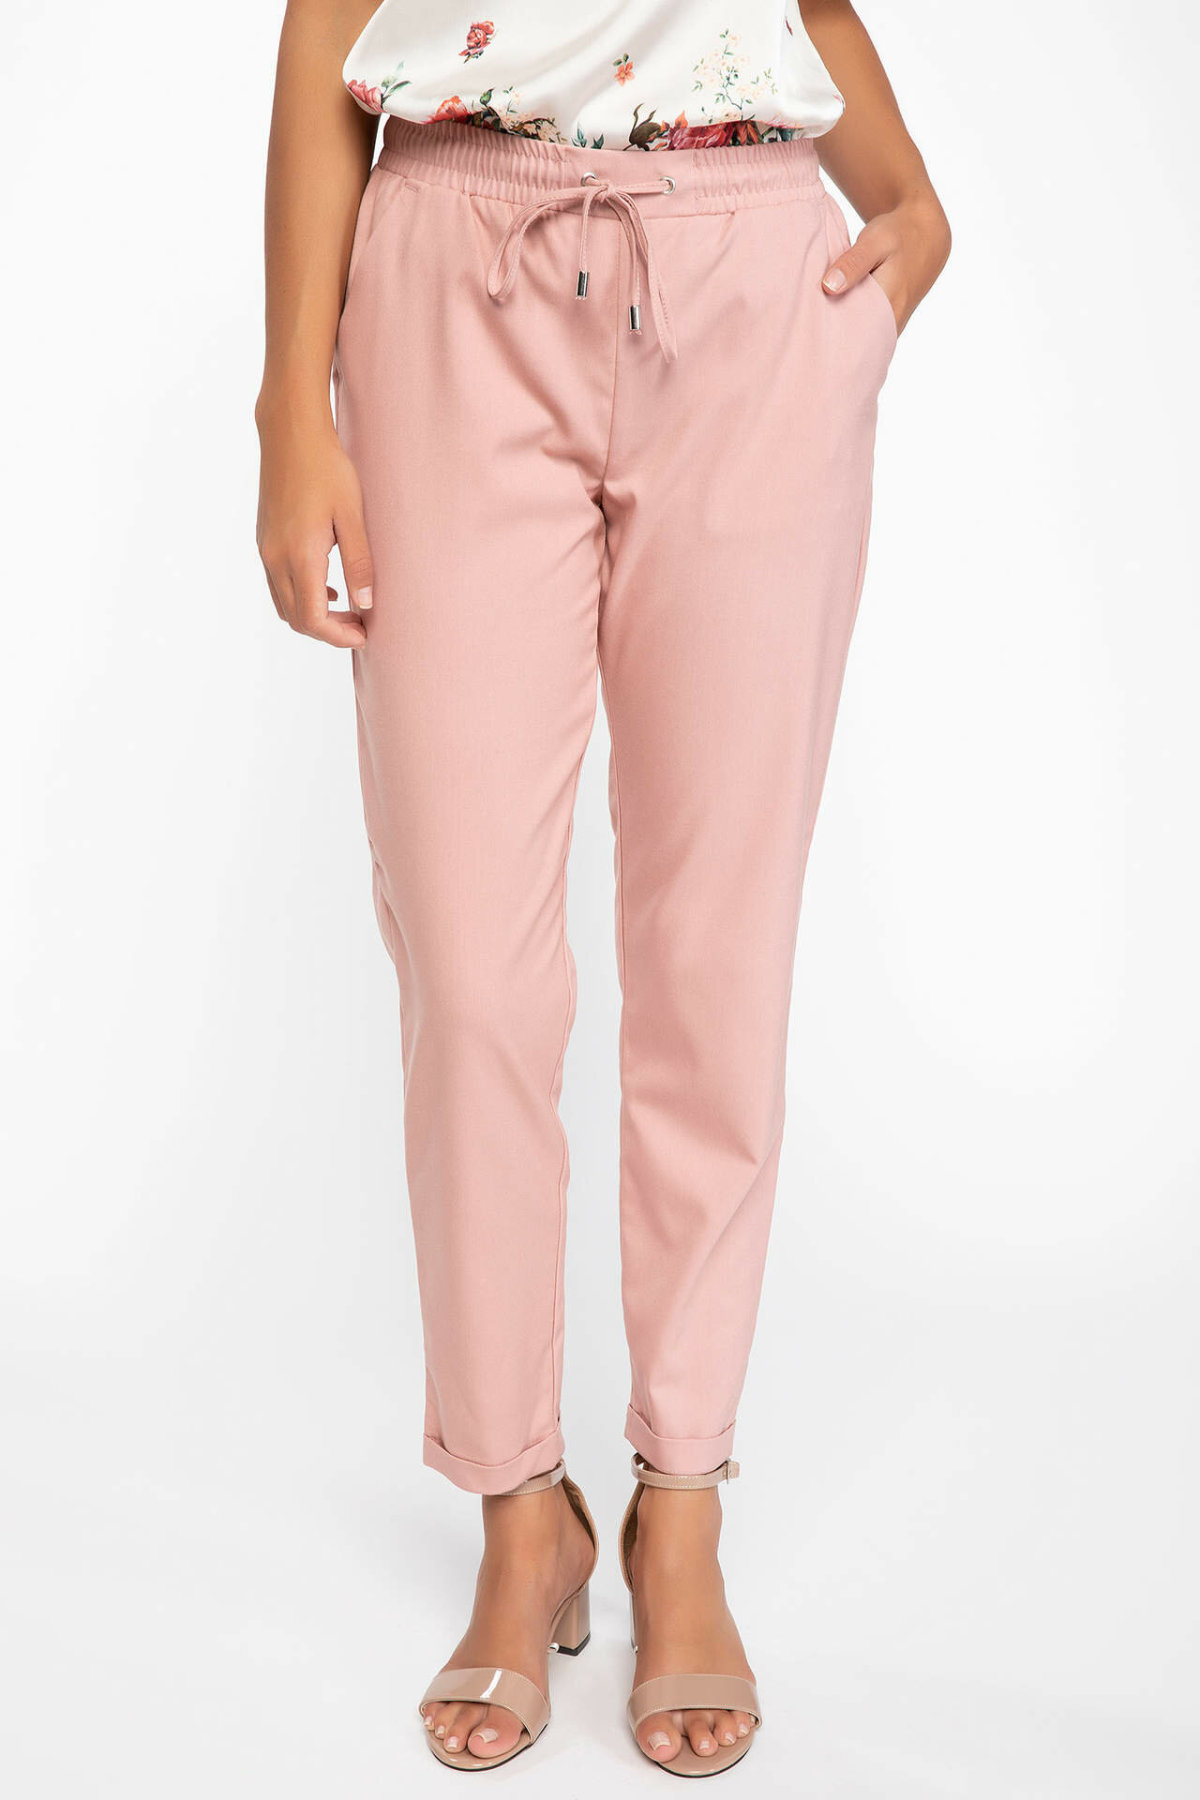 DeFacto Autumn Women Trousers Office Solid Casual Harem Crop Pants Ladies Slim Belt Waist Cargo Pants Female-I7970AZ18AU